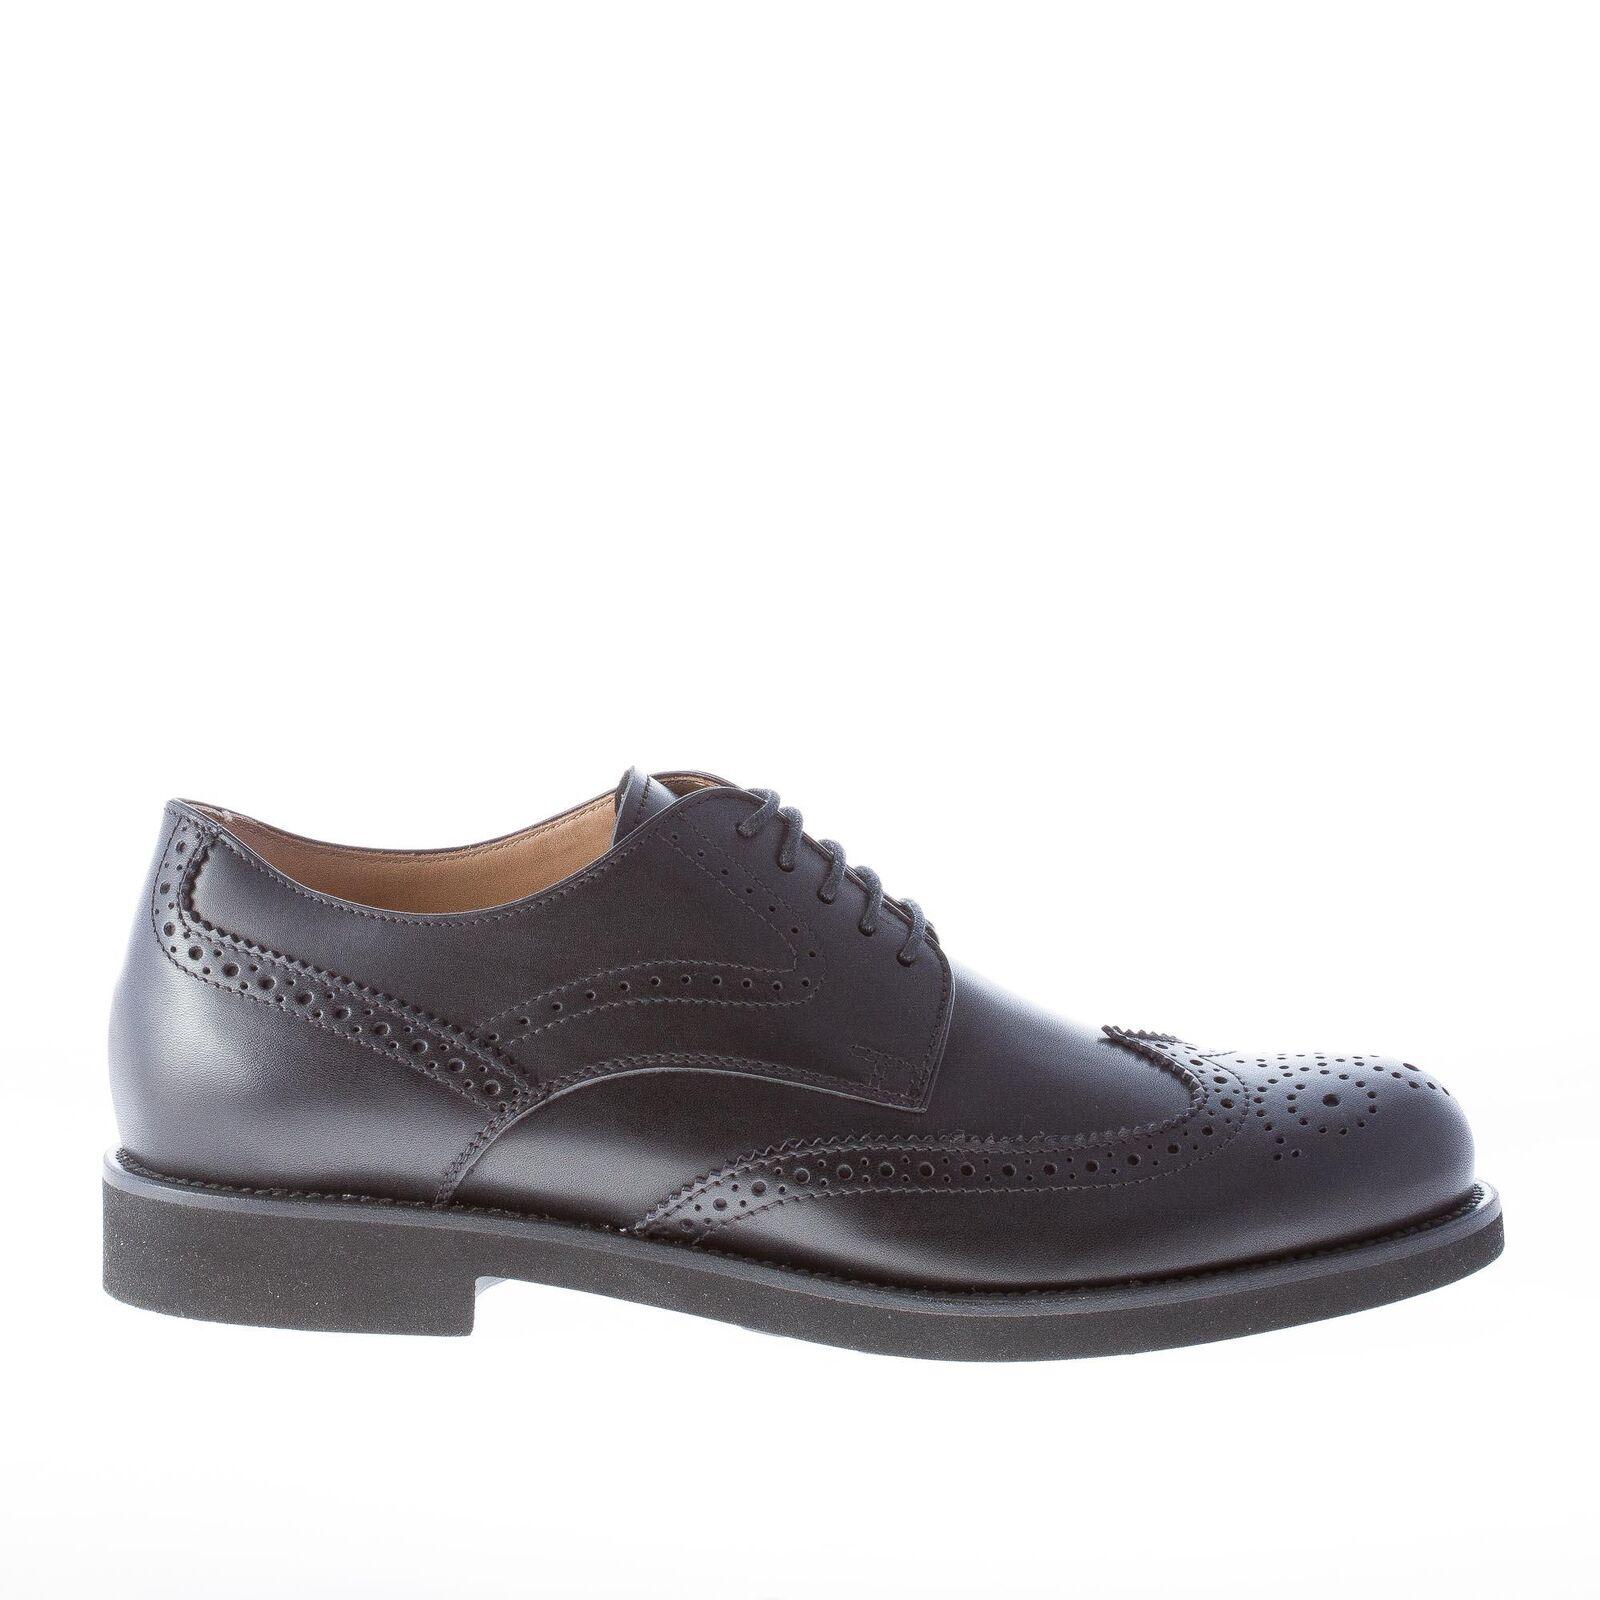 TOD'S scarpe uomo Uomo shoes derby in pelle nero con impunture wingtip brogue